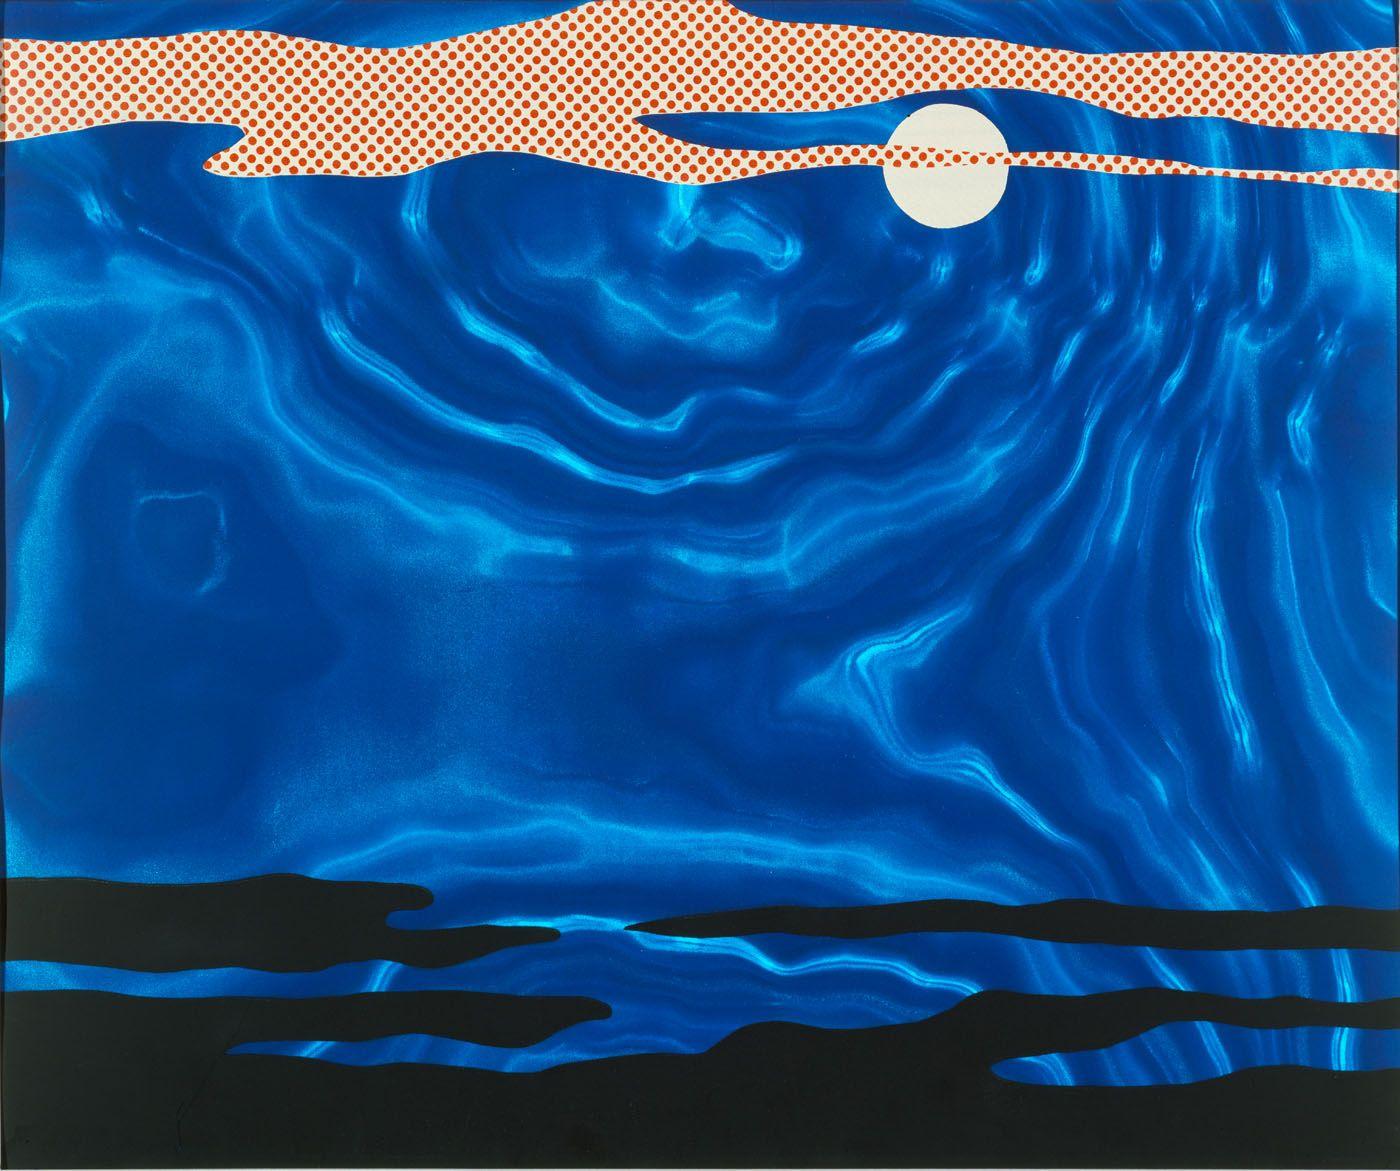 Moonscape, from the portfolio 11 Pop Artists, Volume I by Roy Lichtenstein / American Art